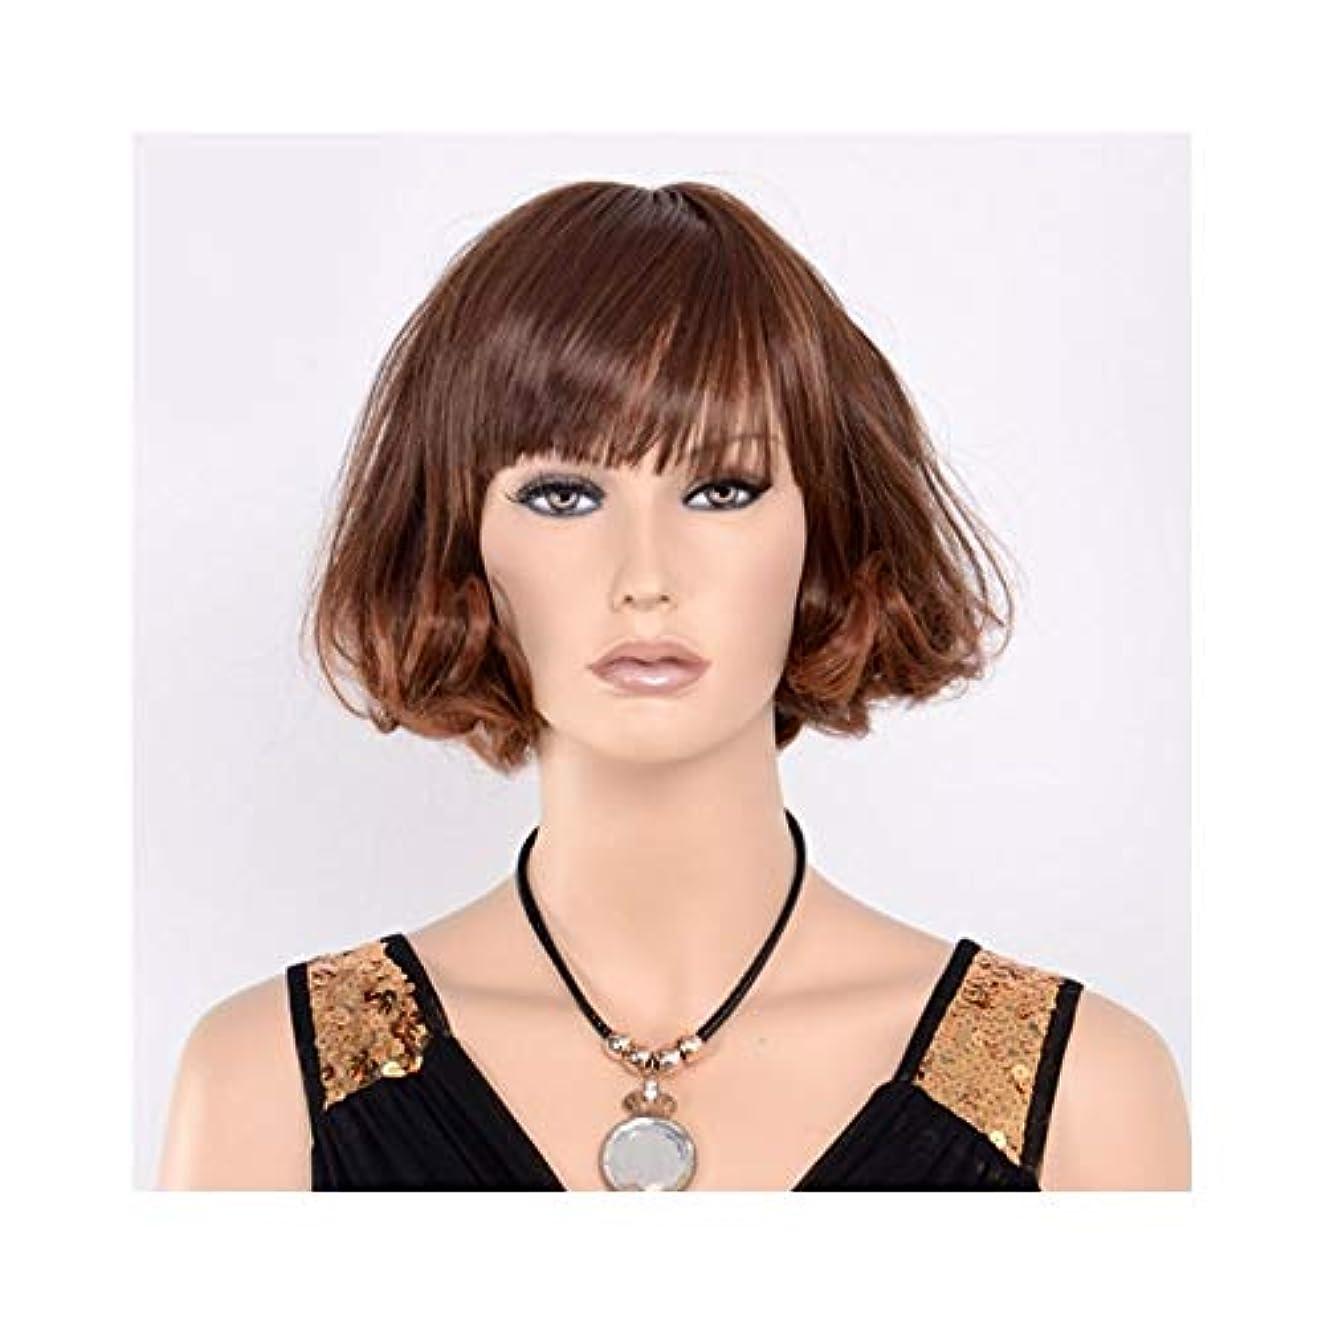 マトリックス代数的敬意を表するYOUQIU 女性のブラウンボブウィッグ自然な耐熱合成ファッションかつらウィッグキャップウィッグ用ショートカーリーウィッグ (色 : ブラウン)